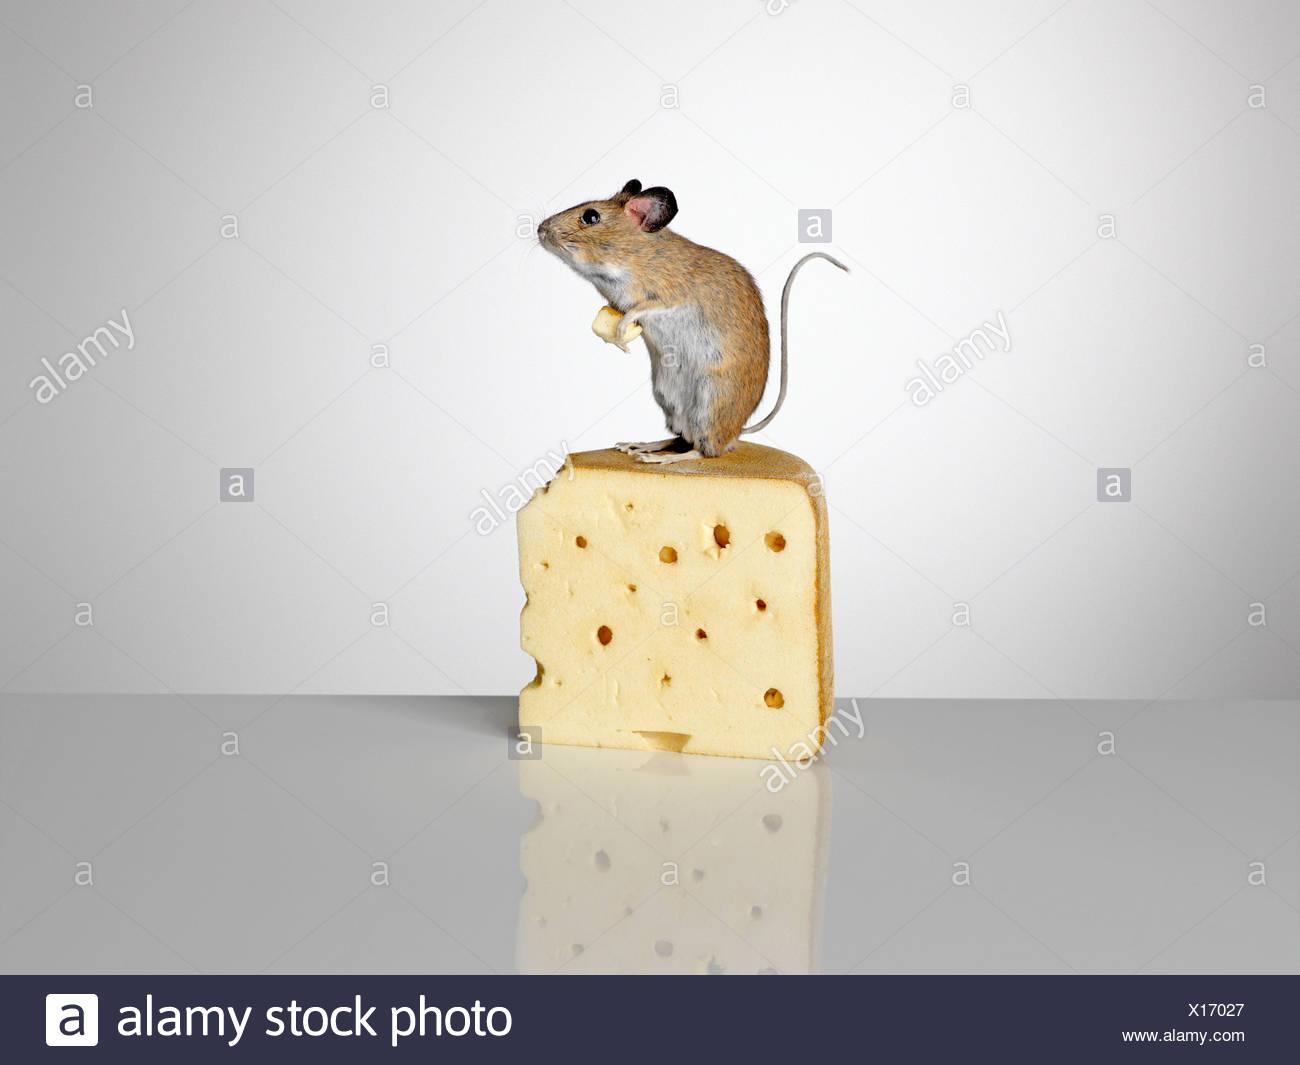 Maus steht auf ein Stück Käse Stockbild